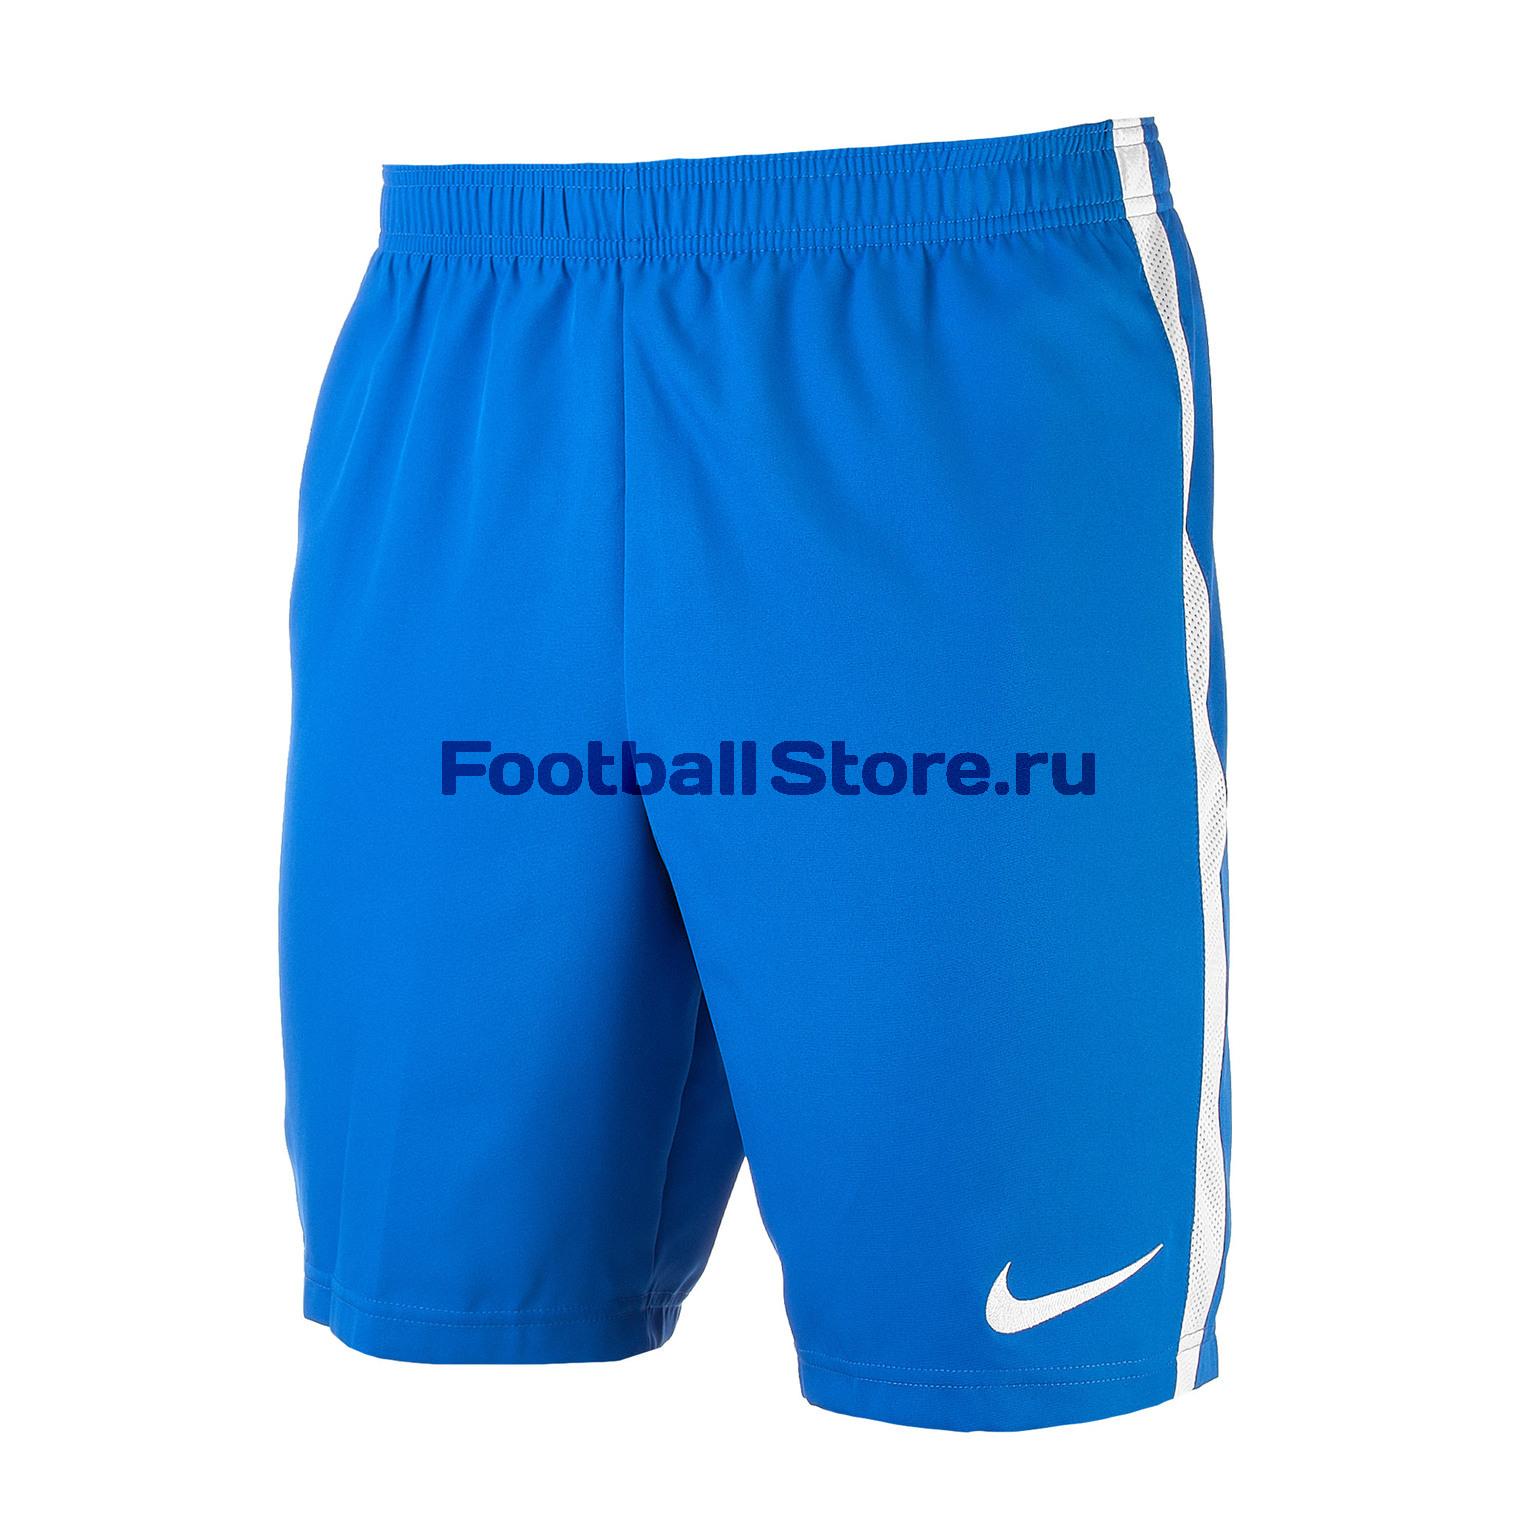 Шорты тренировочные Nike Dry Short II WVN 894331-463